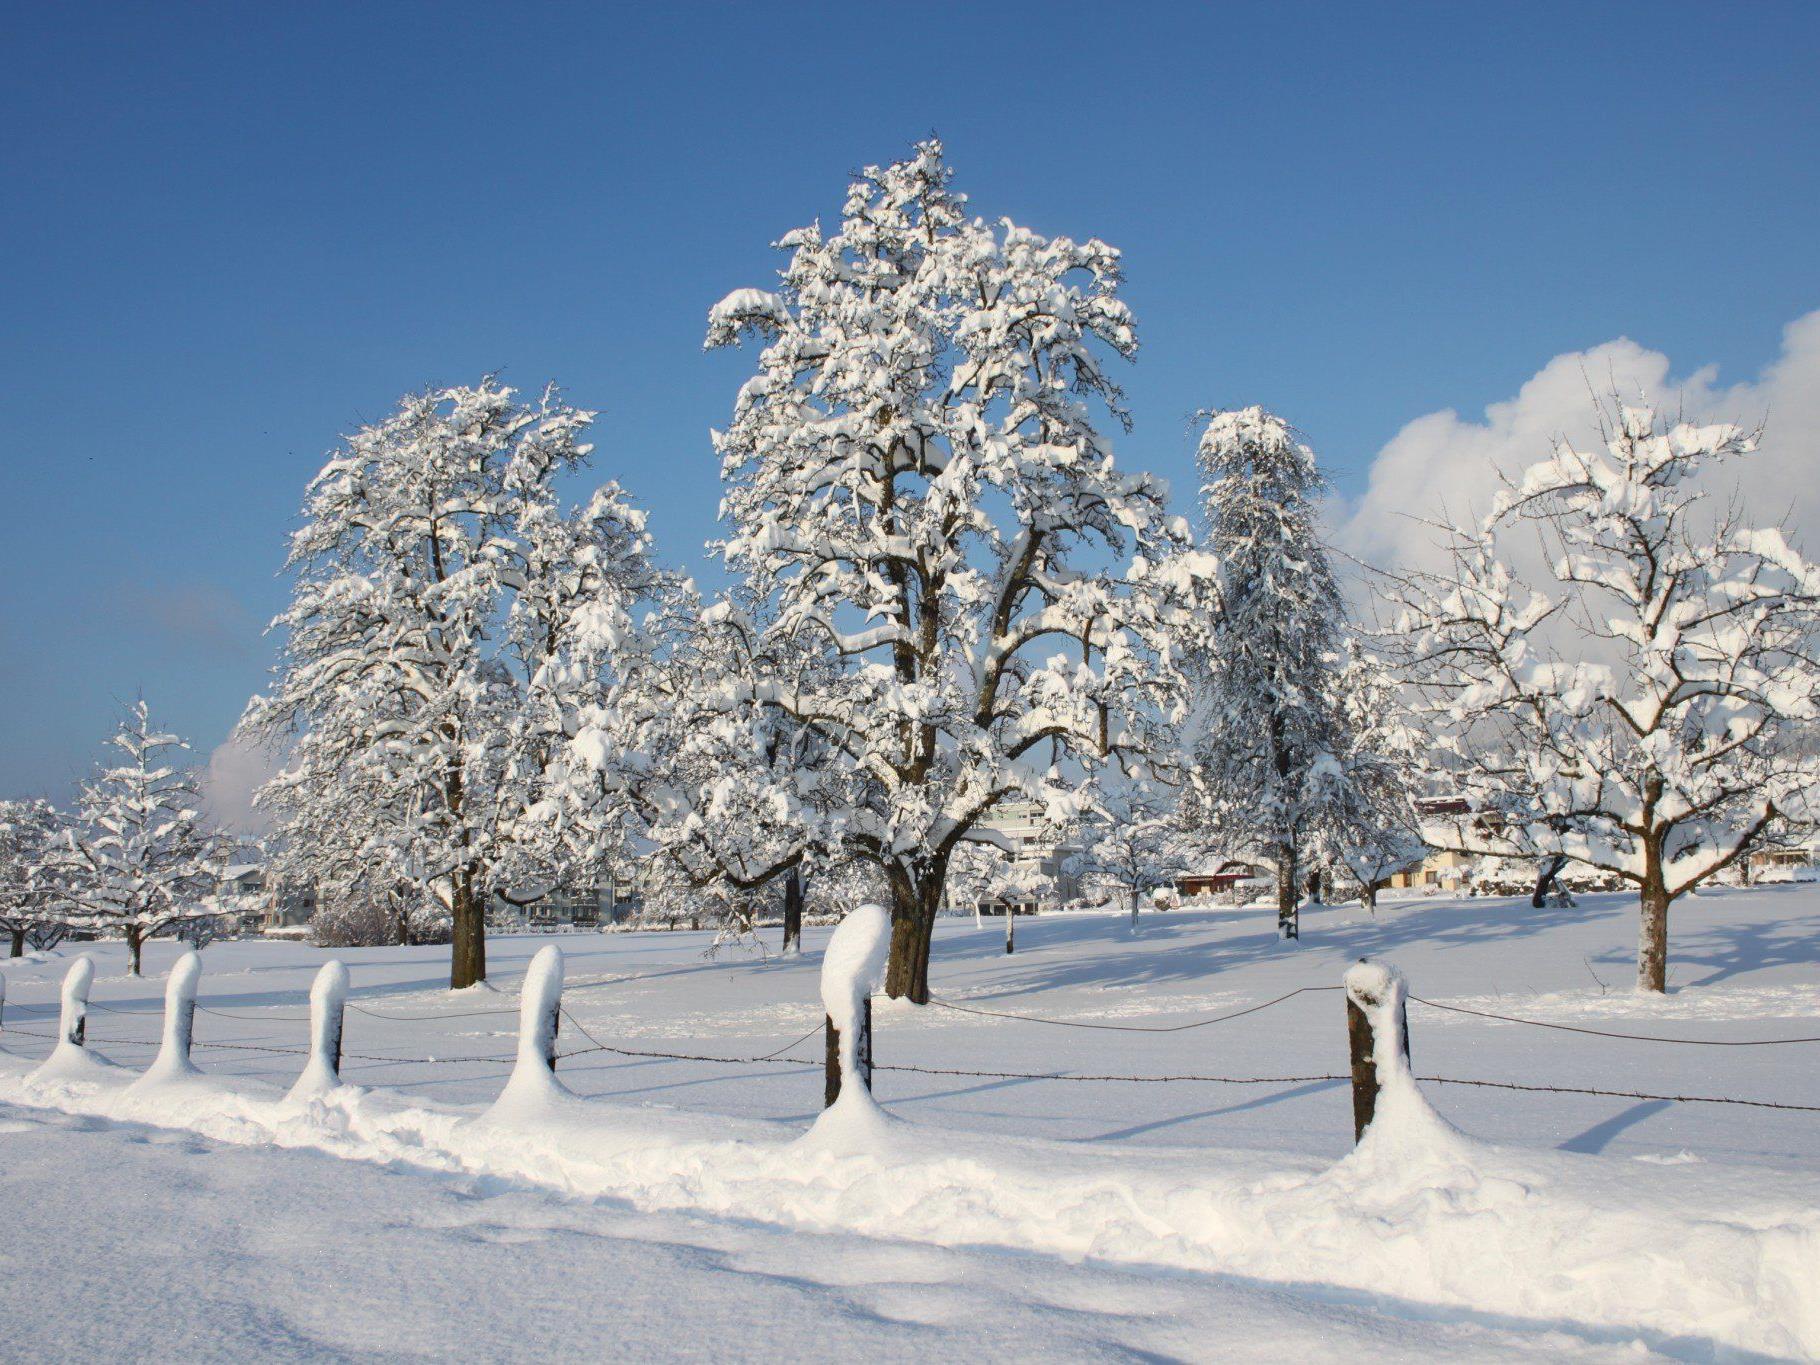 Tief verschneite Hochstammobstbäume präsentieren sich im Sonnenschein.